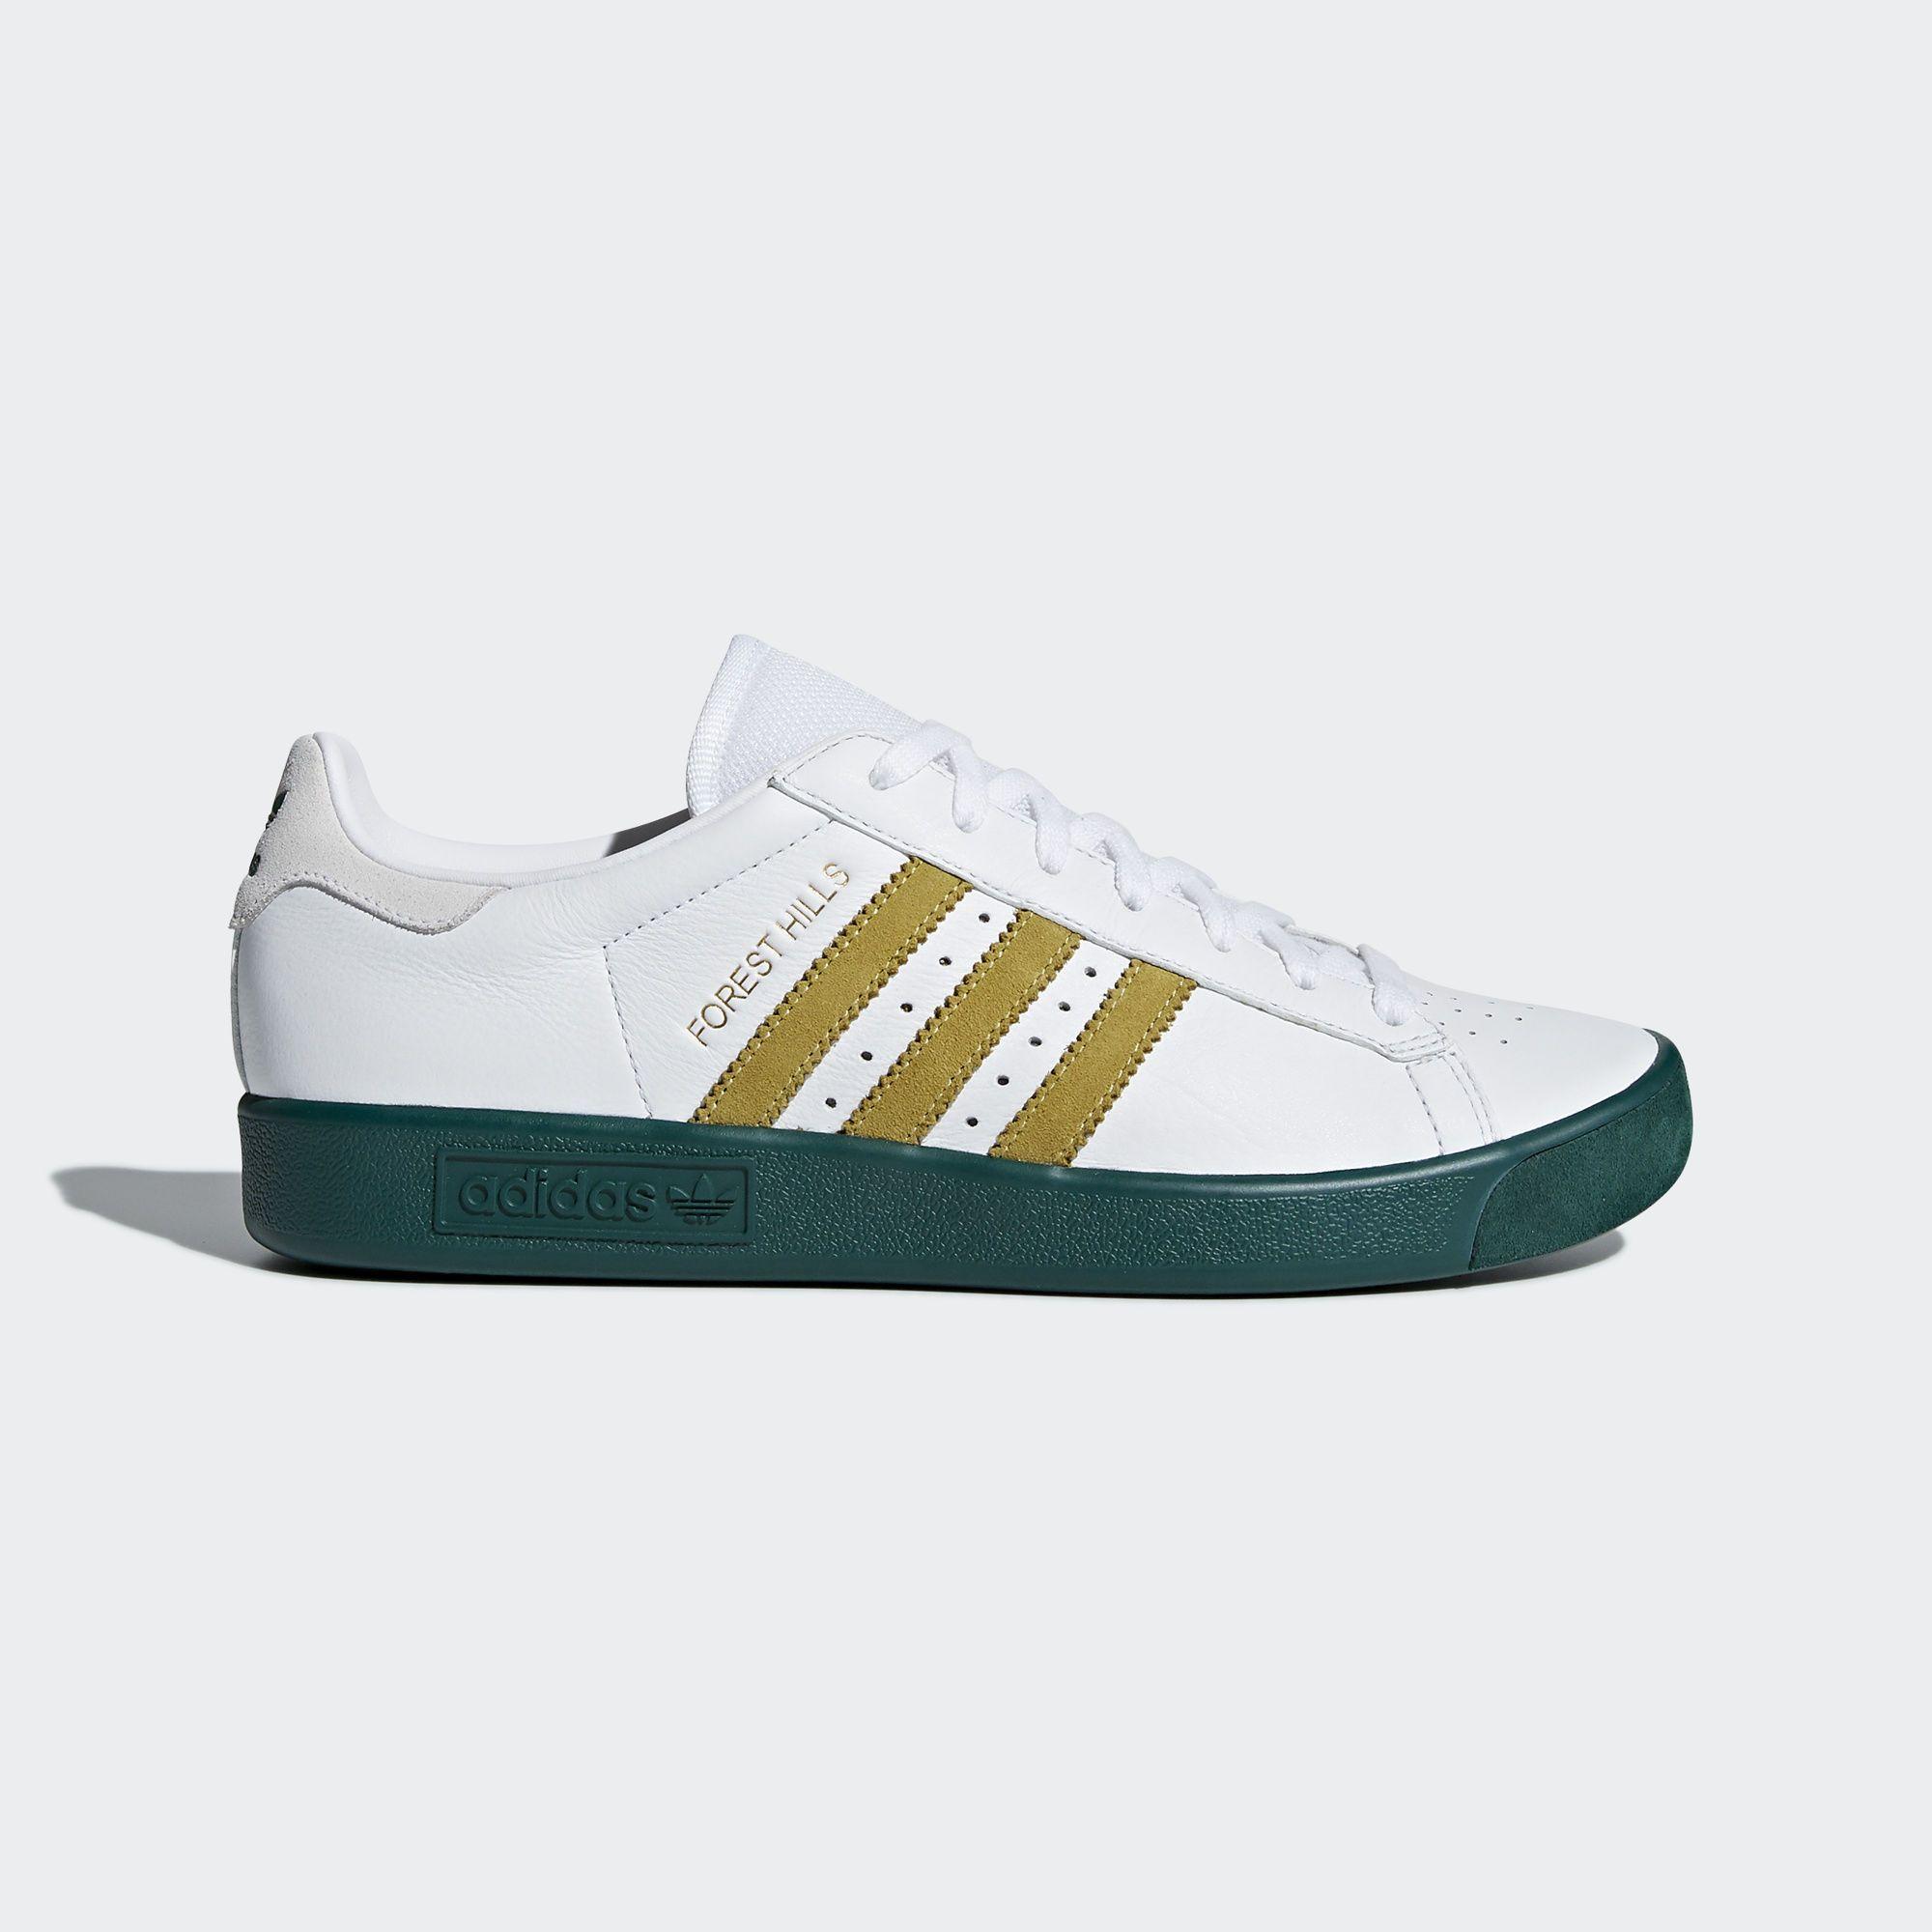 b10cff8b595 Vind jouw Forest Hills Schoenen - wit op adidas.nl! Bekijk alle stijlen en